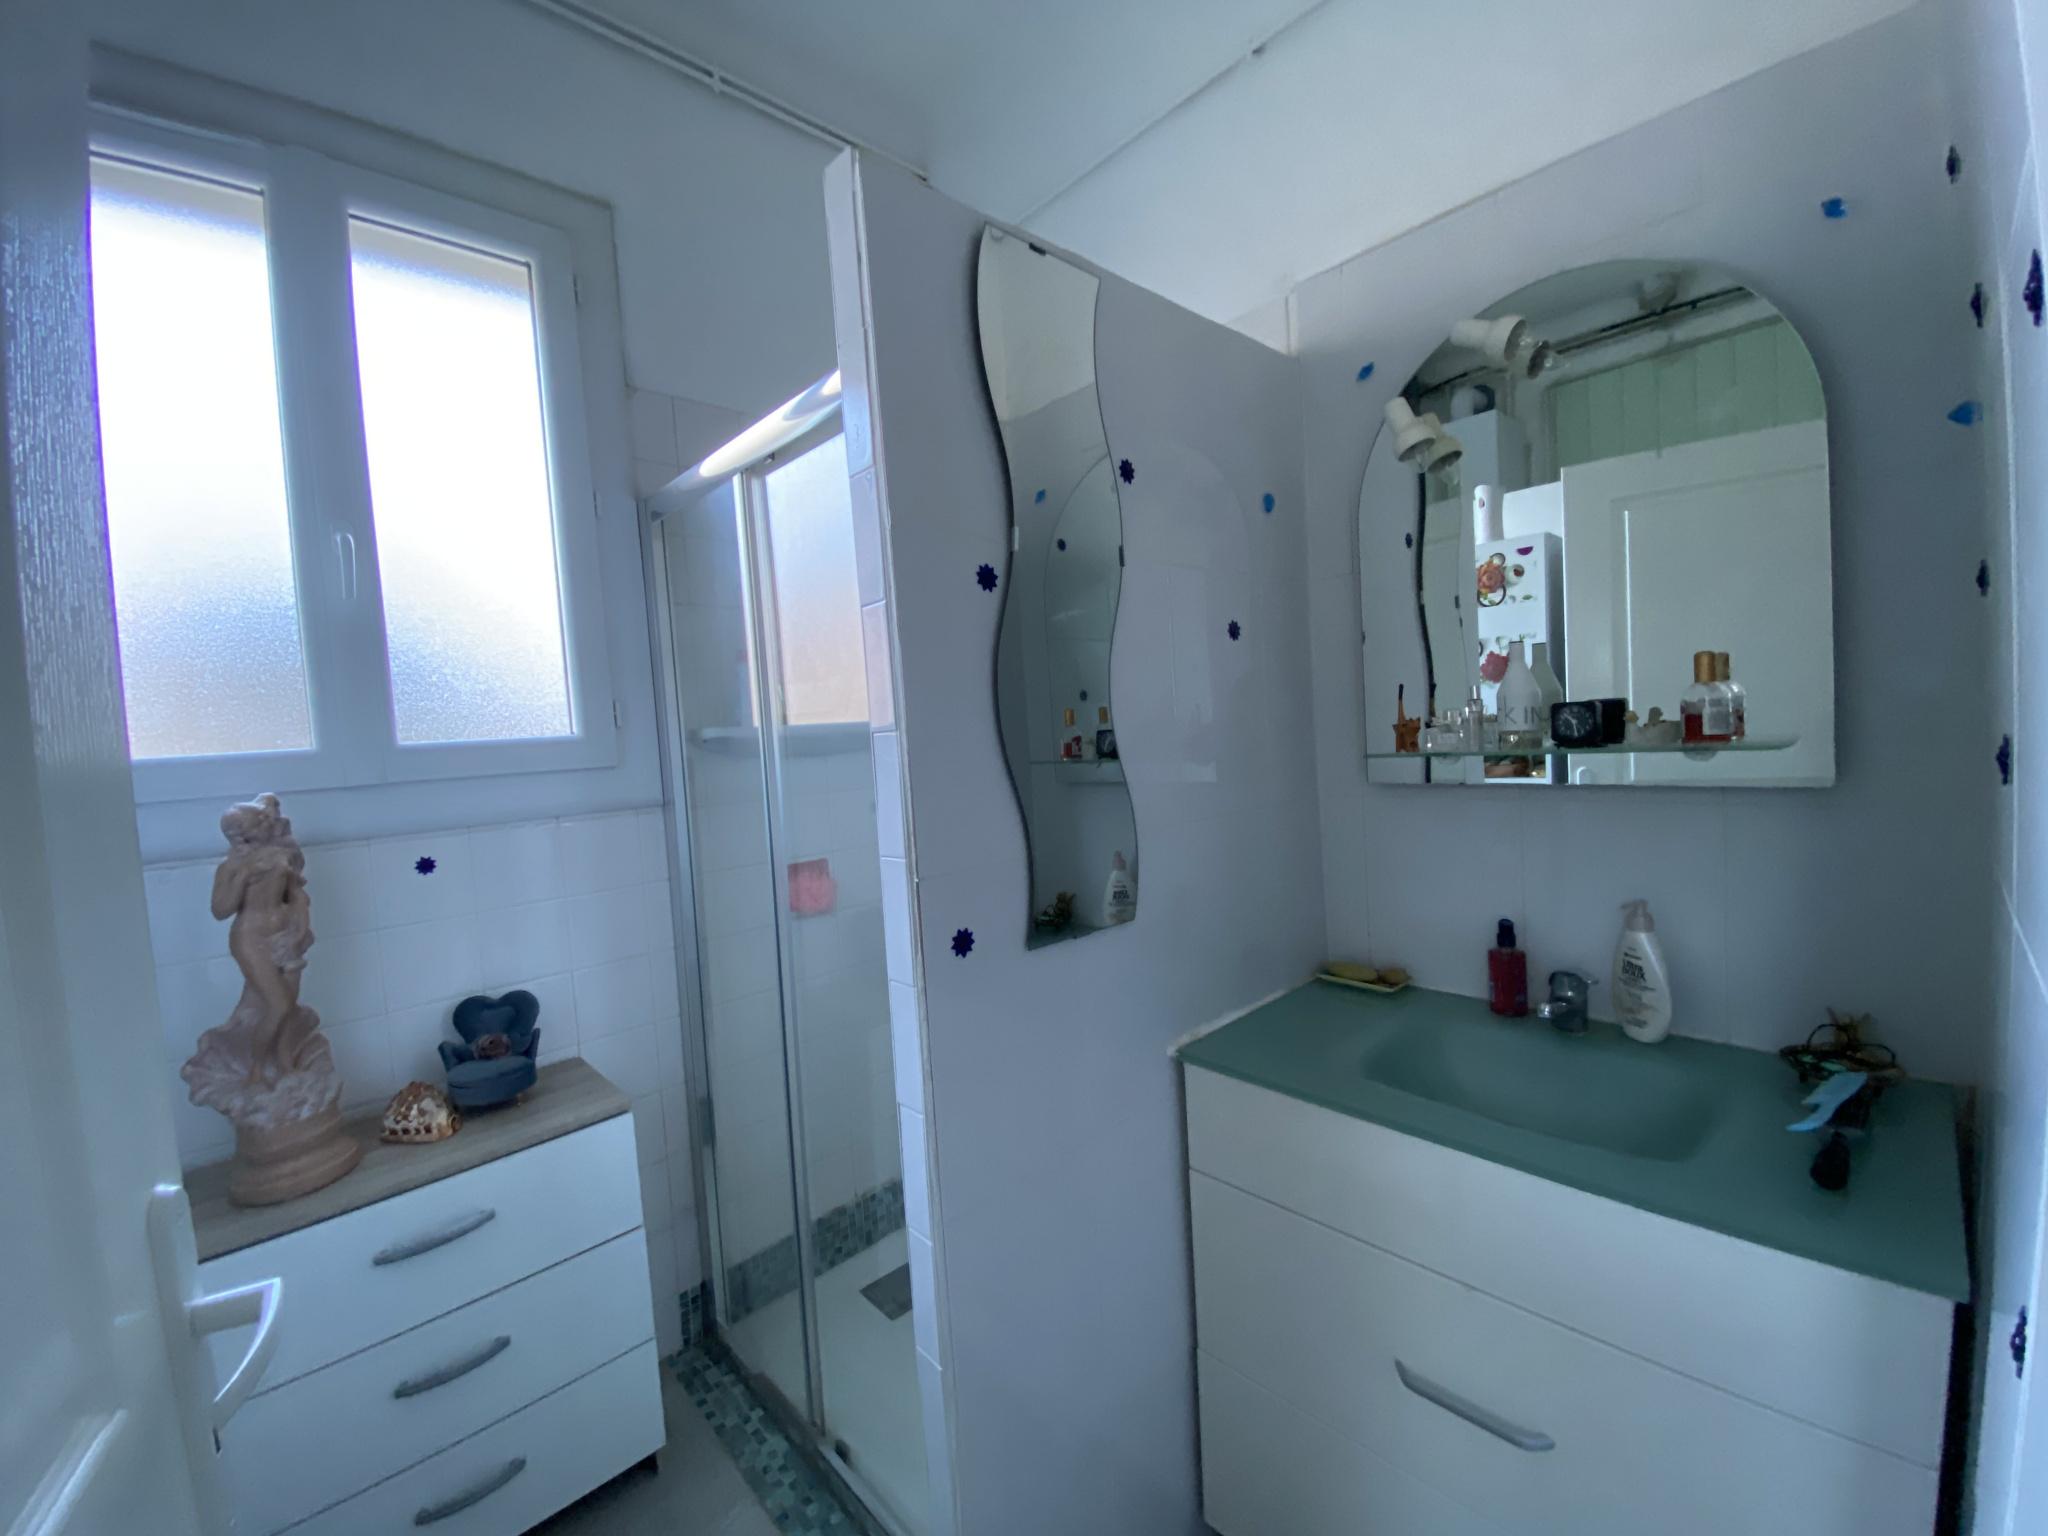 À vendre appartement de 104.21m2 à argeles sur mer (66700) - Photo 8'